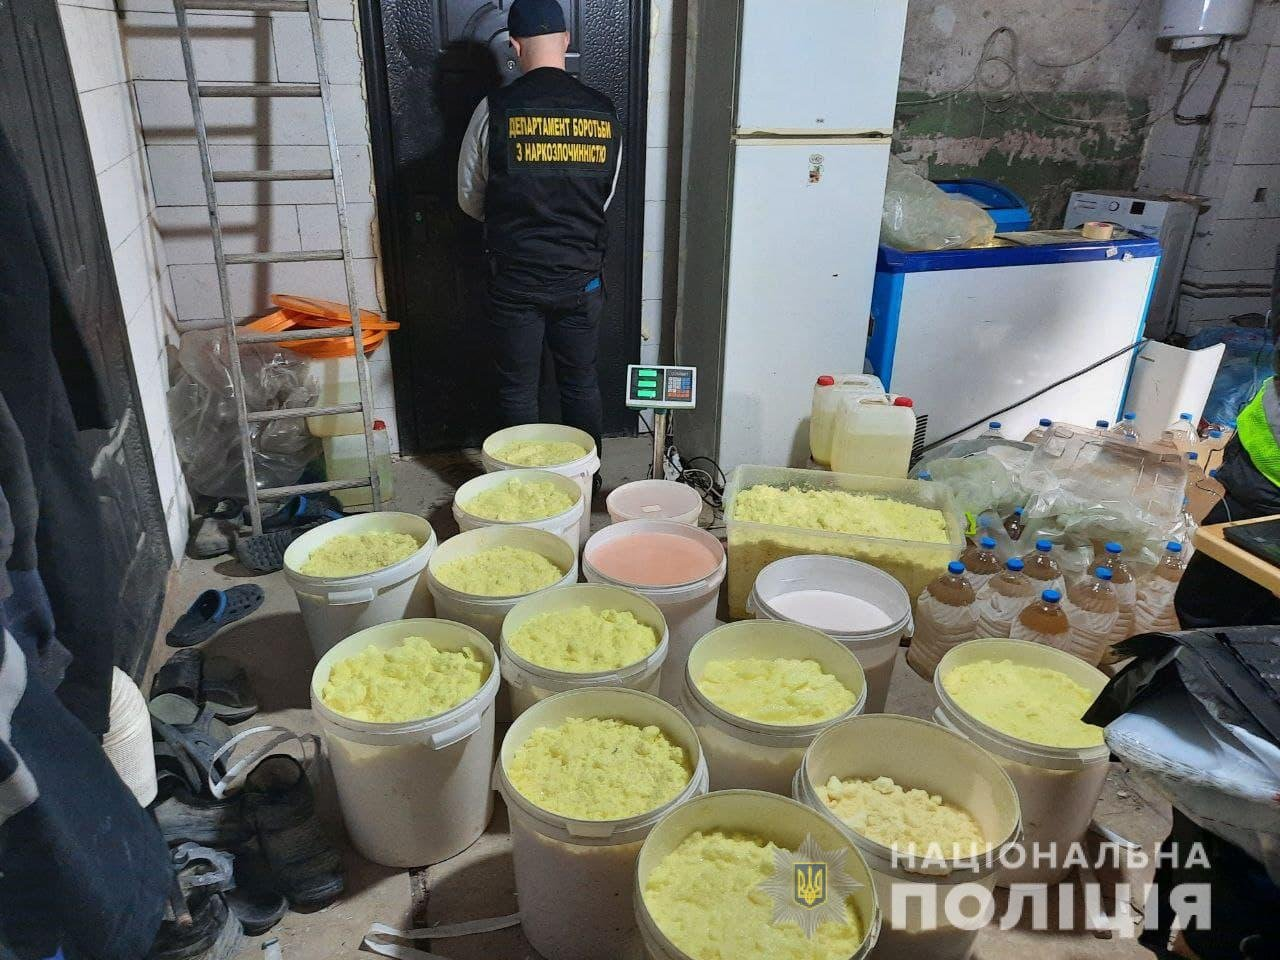 """В Днепре """"накрыли"""" огромный завод с крупнейшей партией наркотиков в истории Украины, фото-2"""